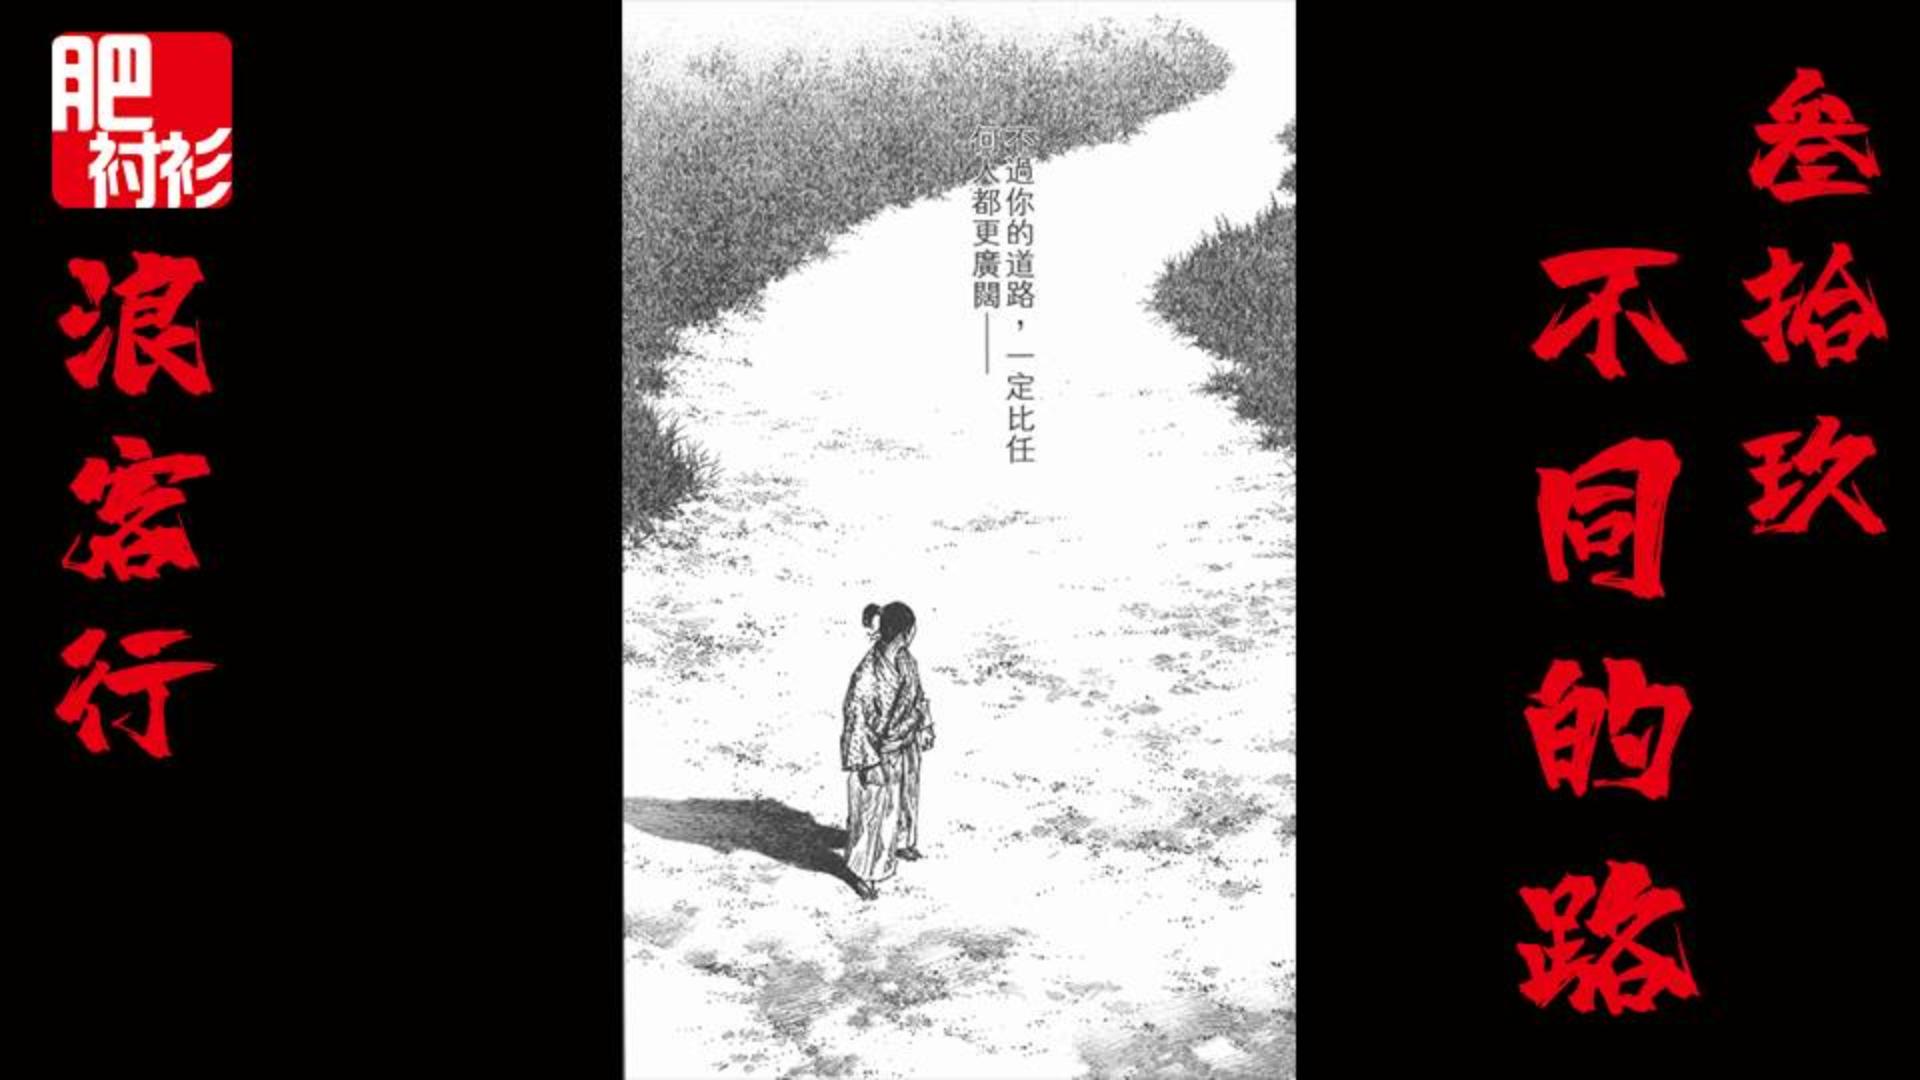 【肥】浪客行39期,退一步,海阔天空